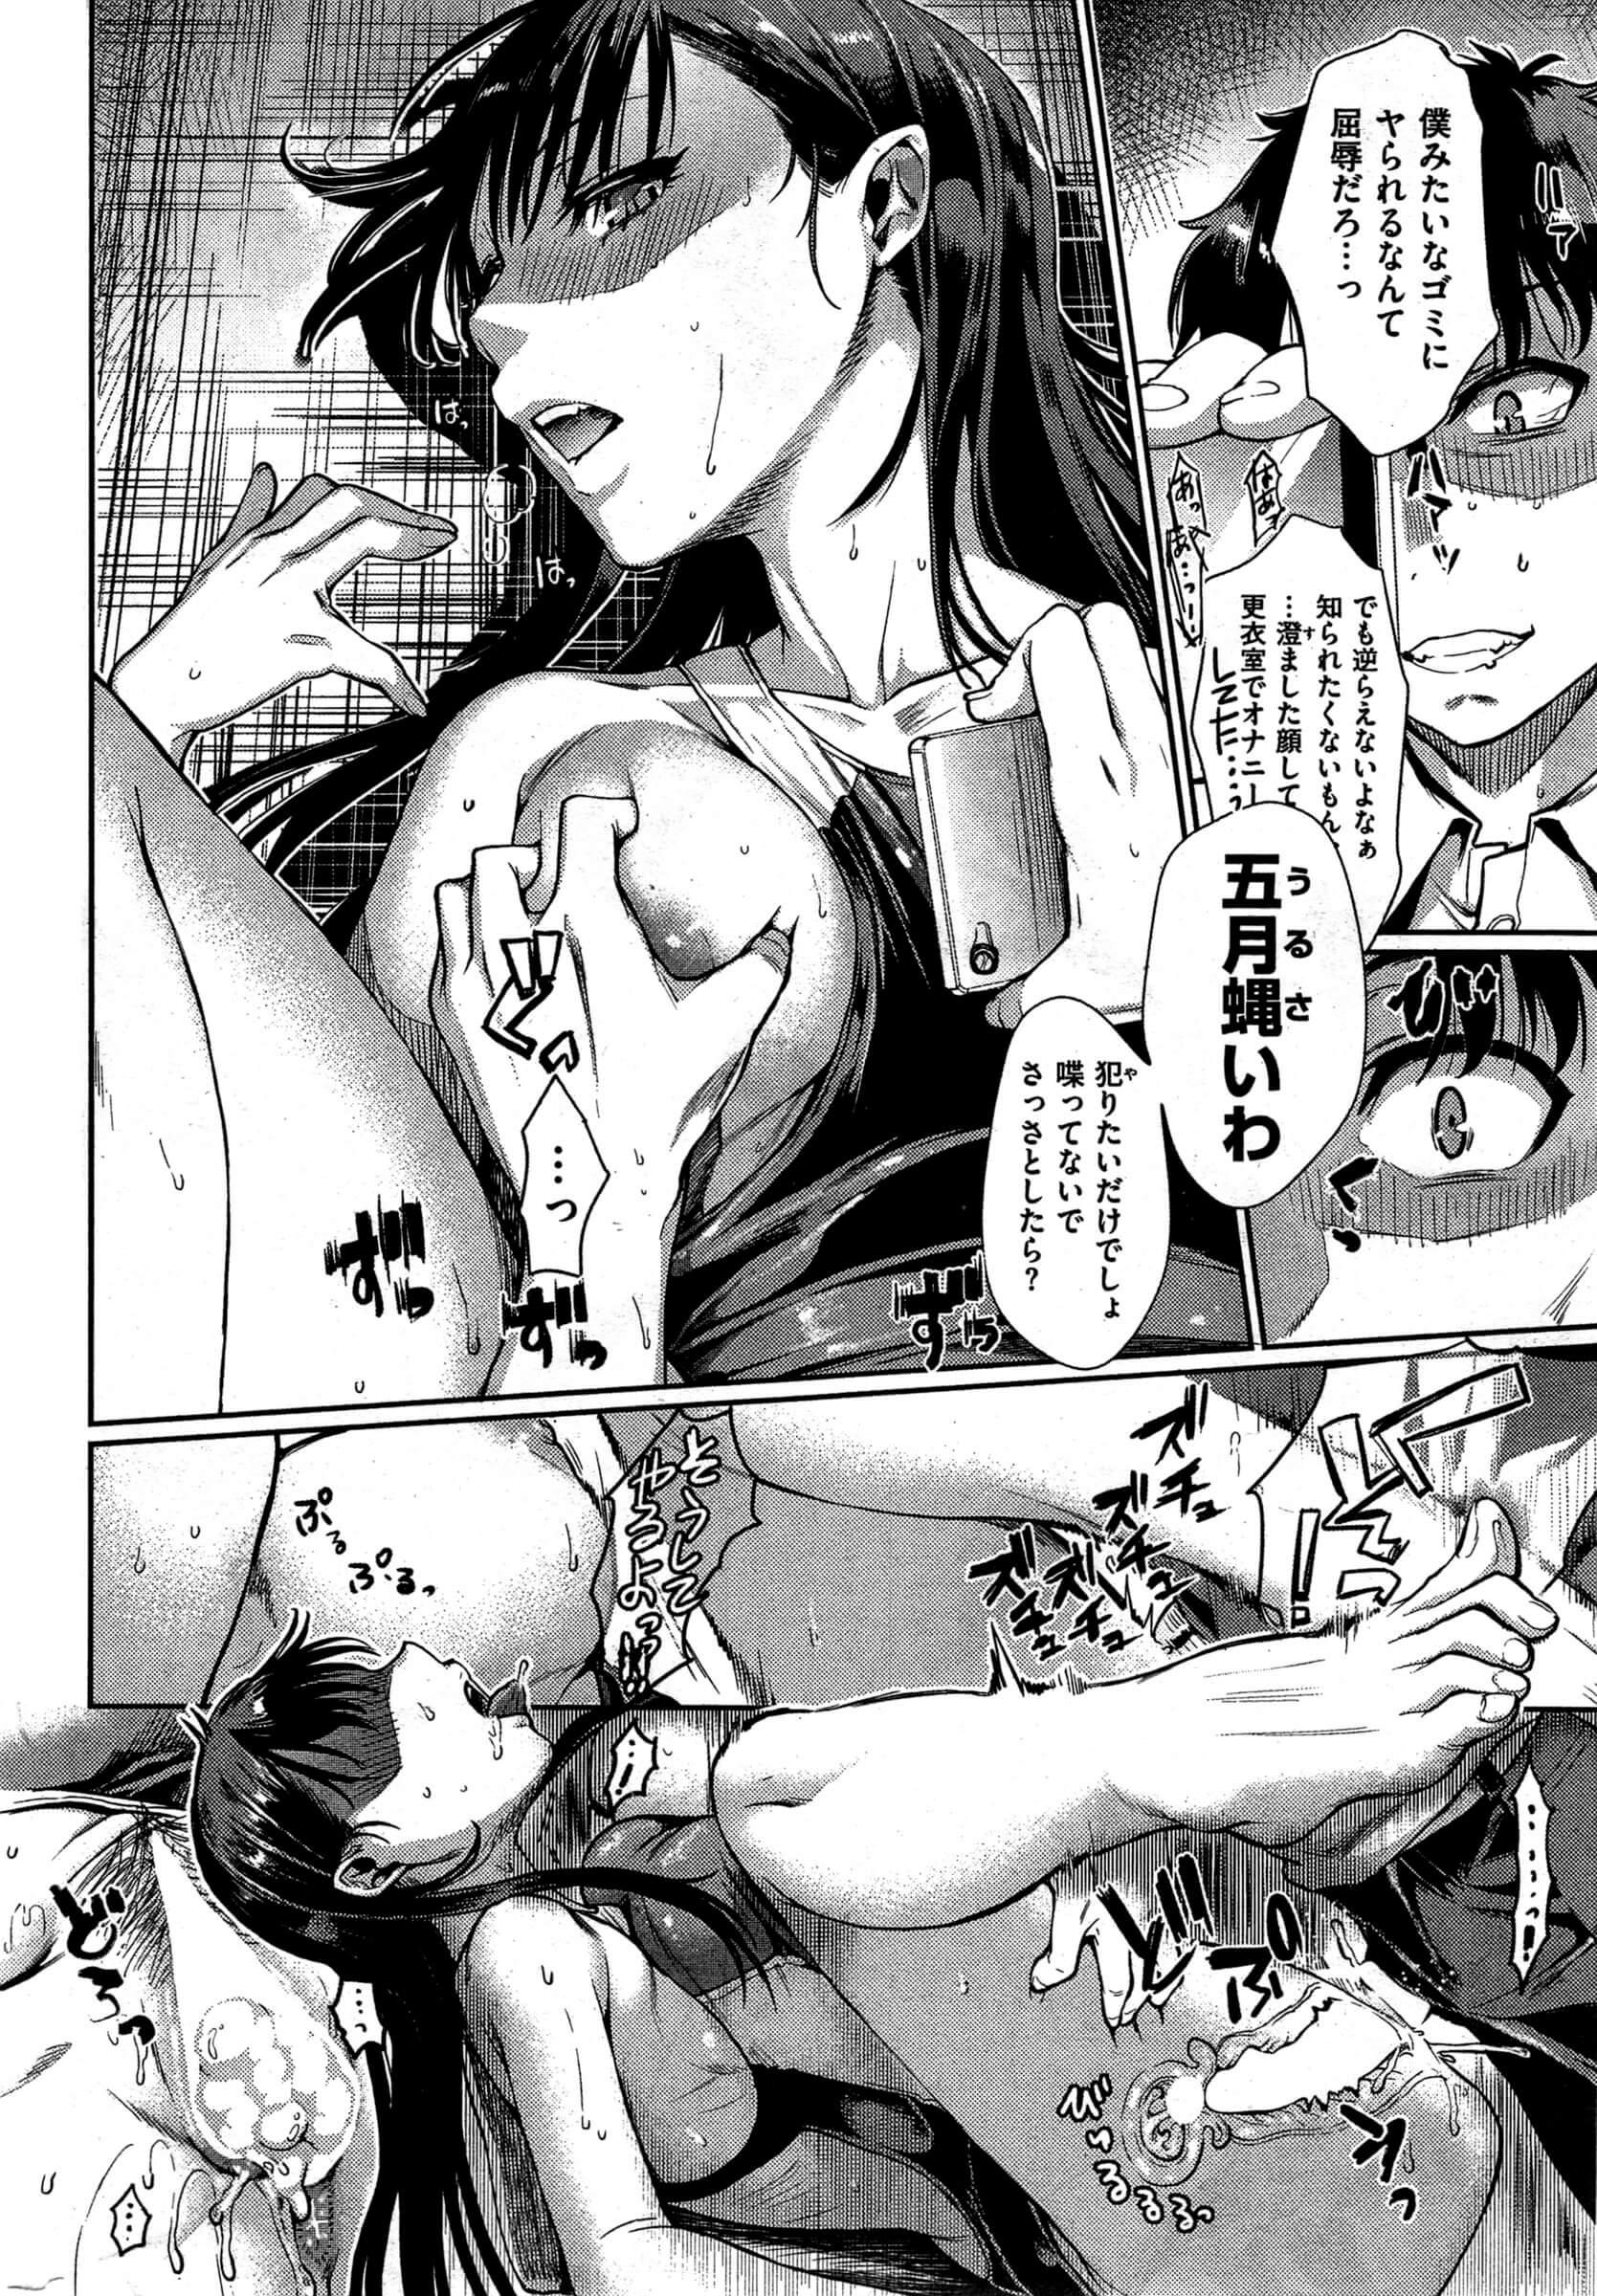 【エロ漫画】弱みを握った水泳部のエースがクールだったのがアナルを弄った途端にド淫乱になって…【無料 エロ同人】 (4)